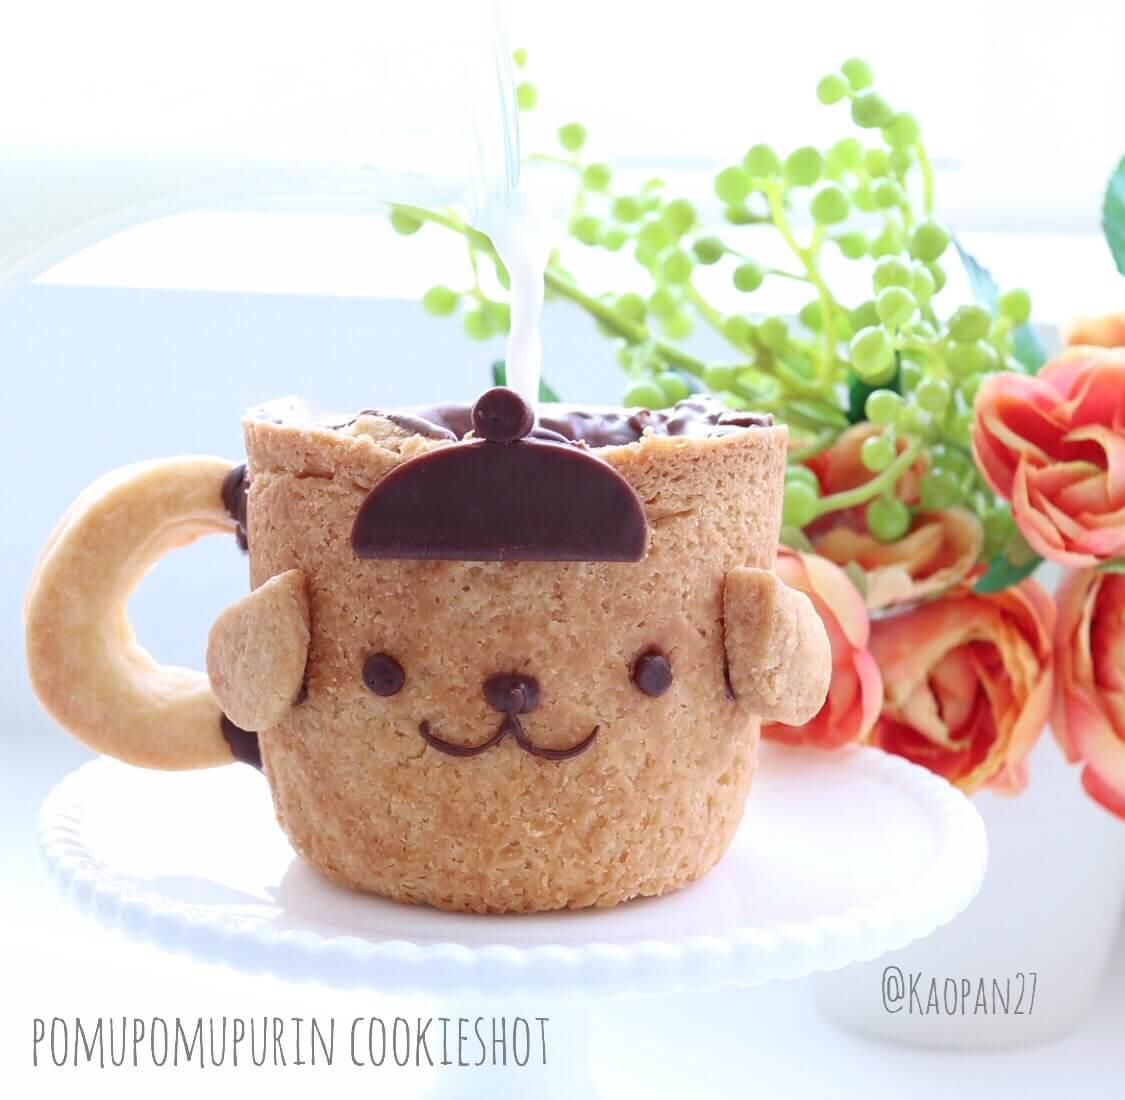 ポムポムプリン スイーツ レシピ pompompurin Recipe 布丁狗 甜點 食譜 バレンタイン valentine 情人節5